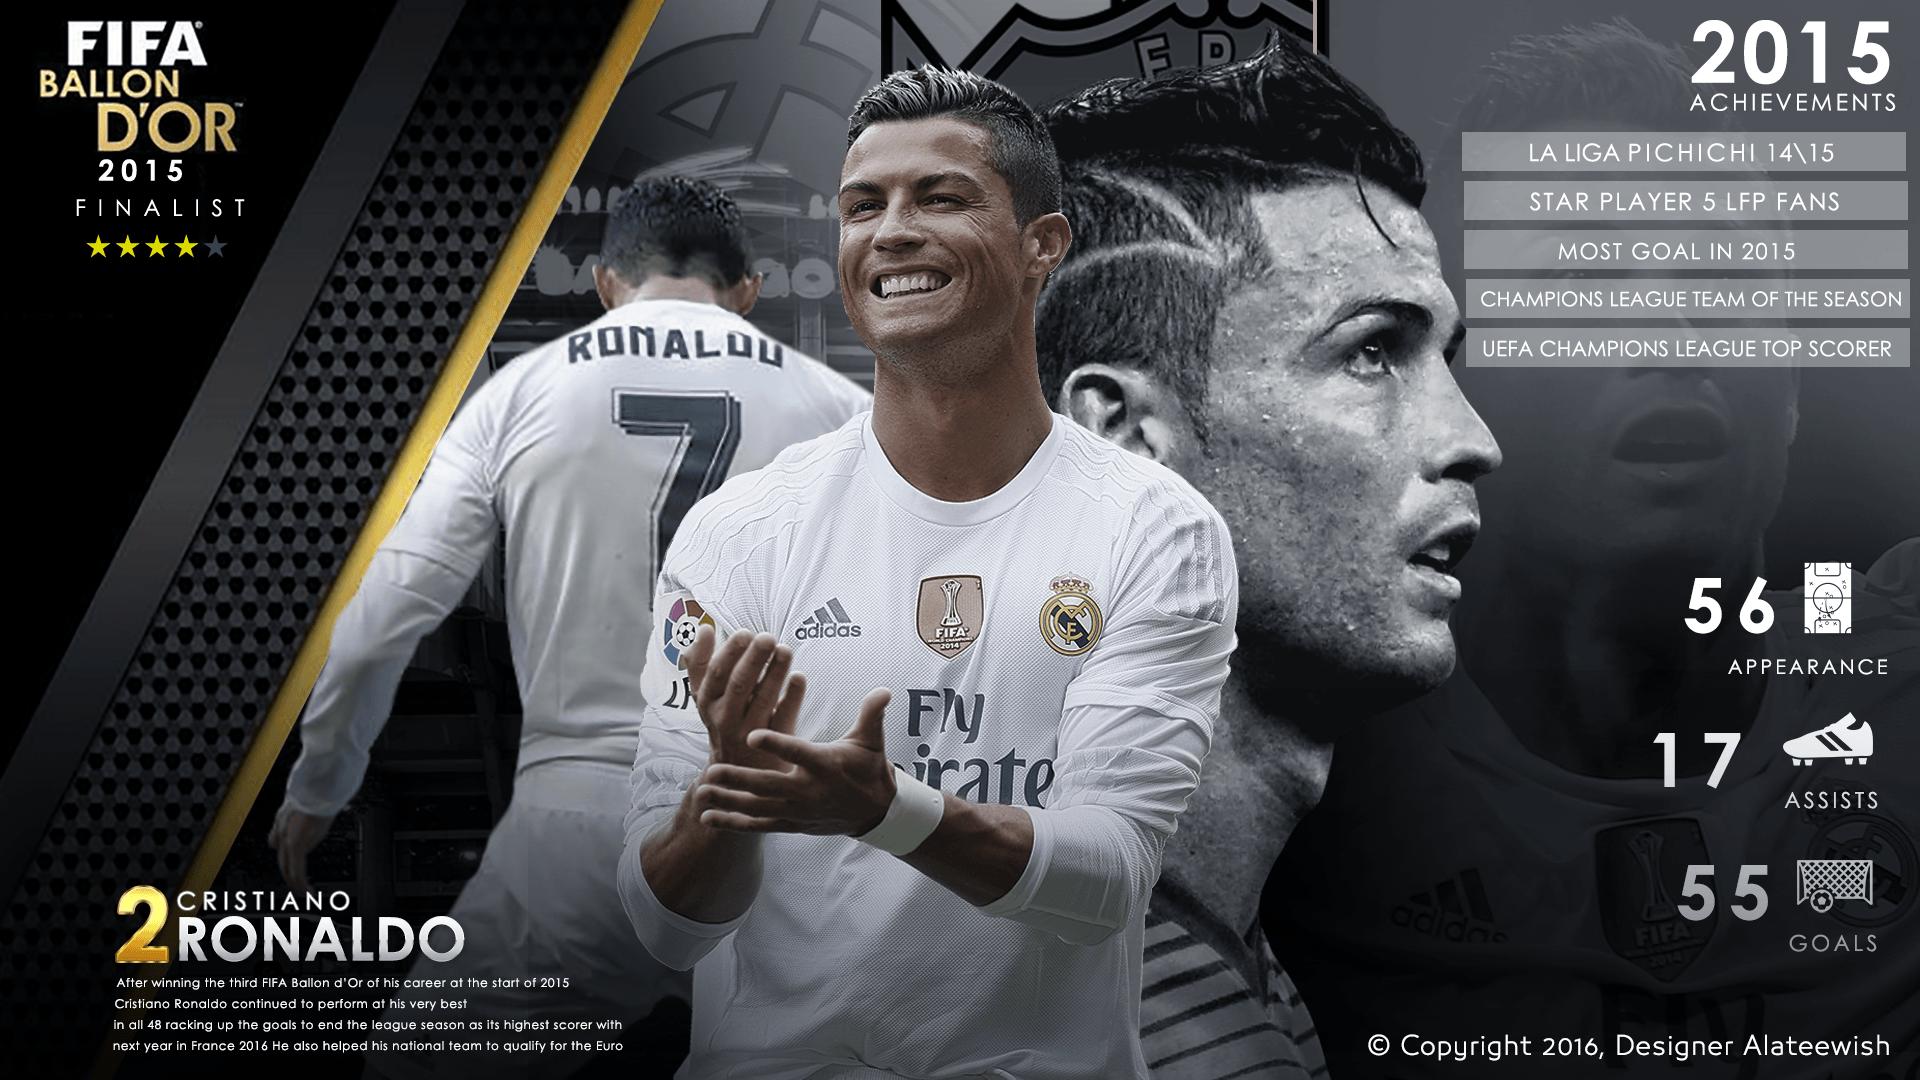 Cristiano Ronaldo Wallpaper Hd 2017